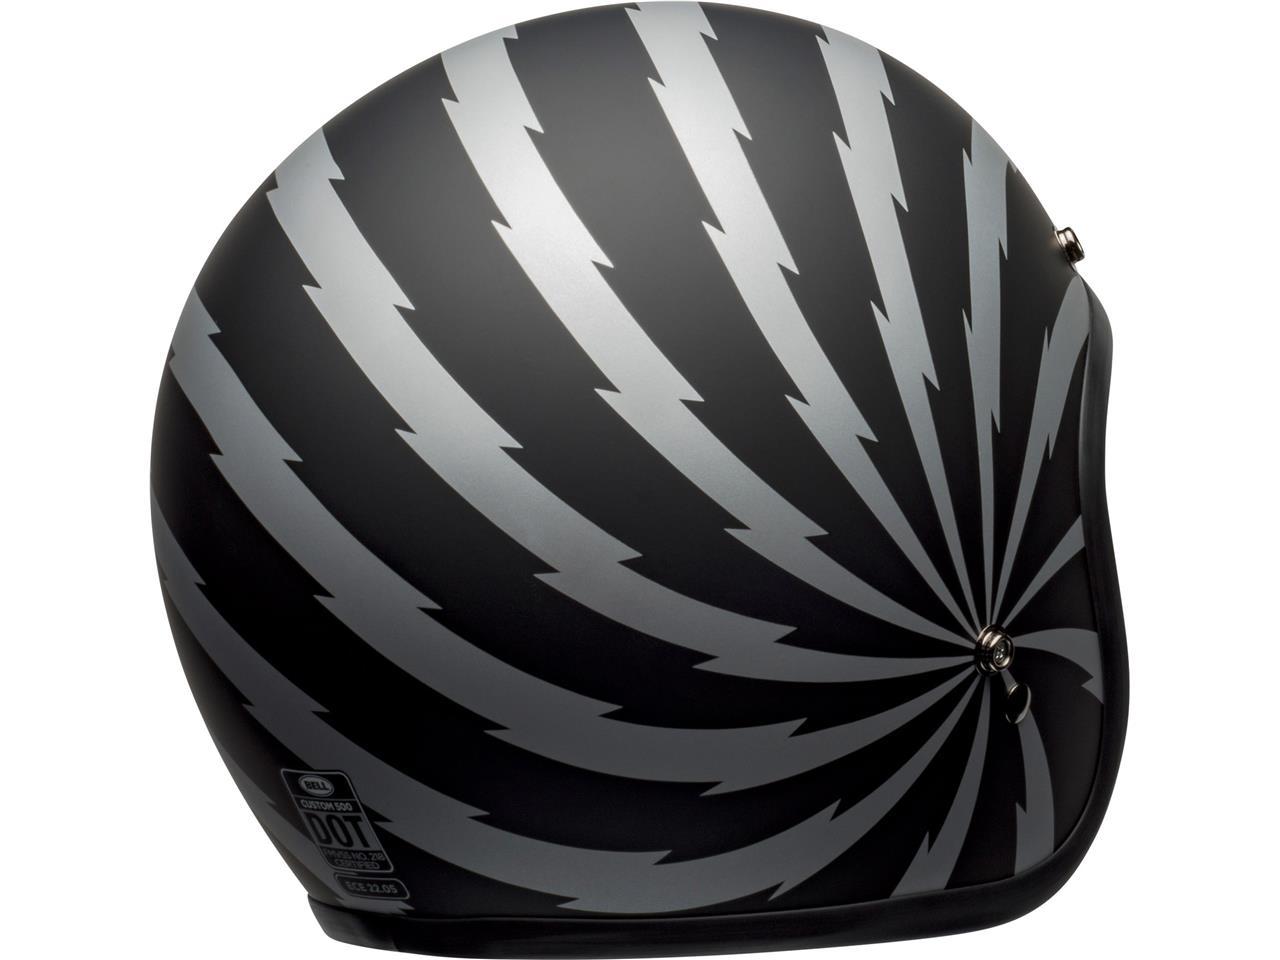 Casque BELL Custom 500 DLX SE Vertigo Matte Black/Silver